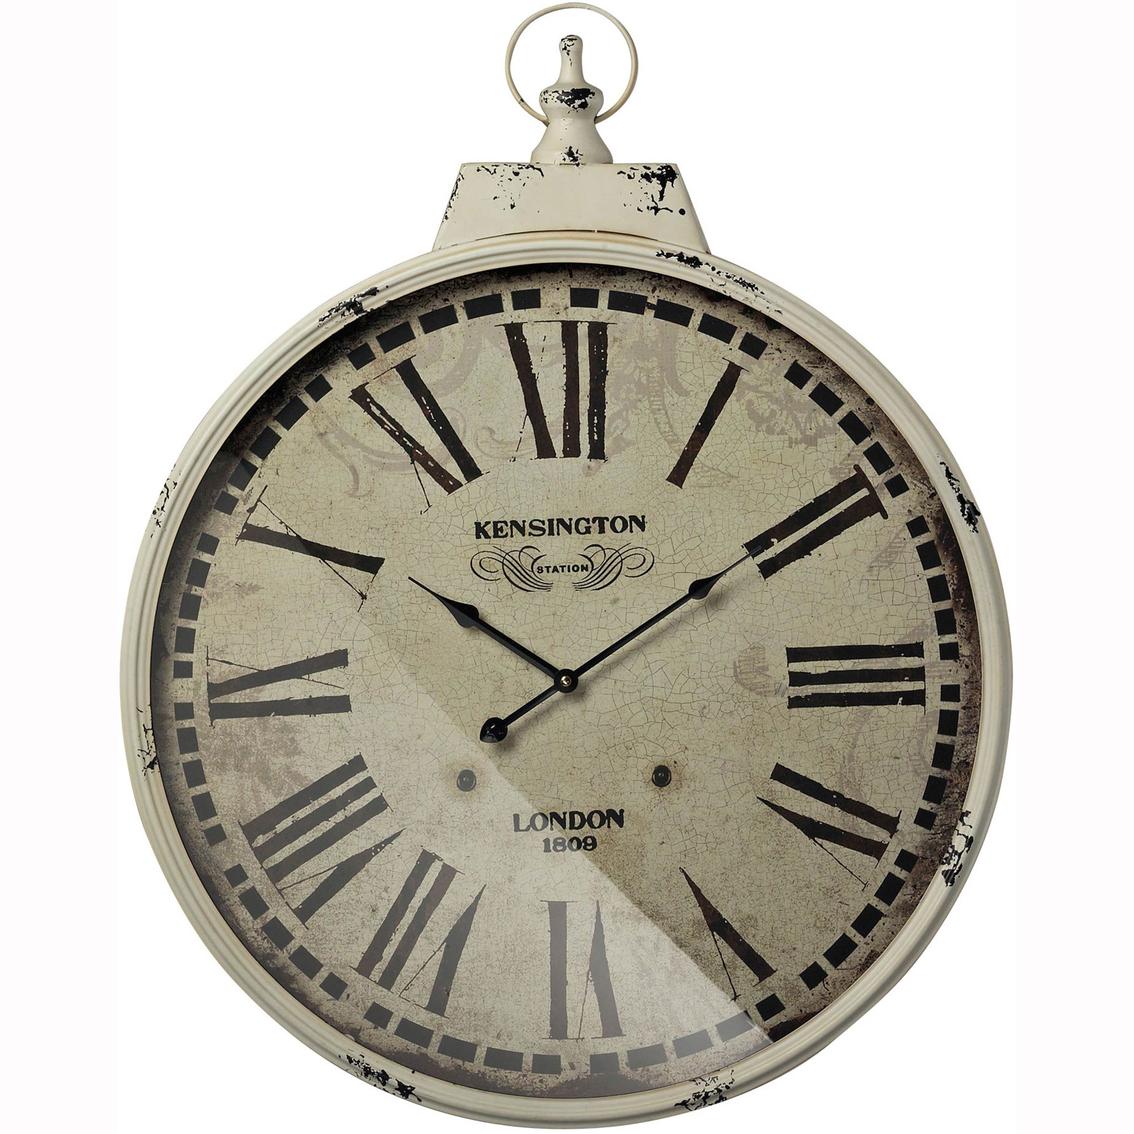 Kensington Station Wall Clock Atcsagacity Com